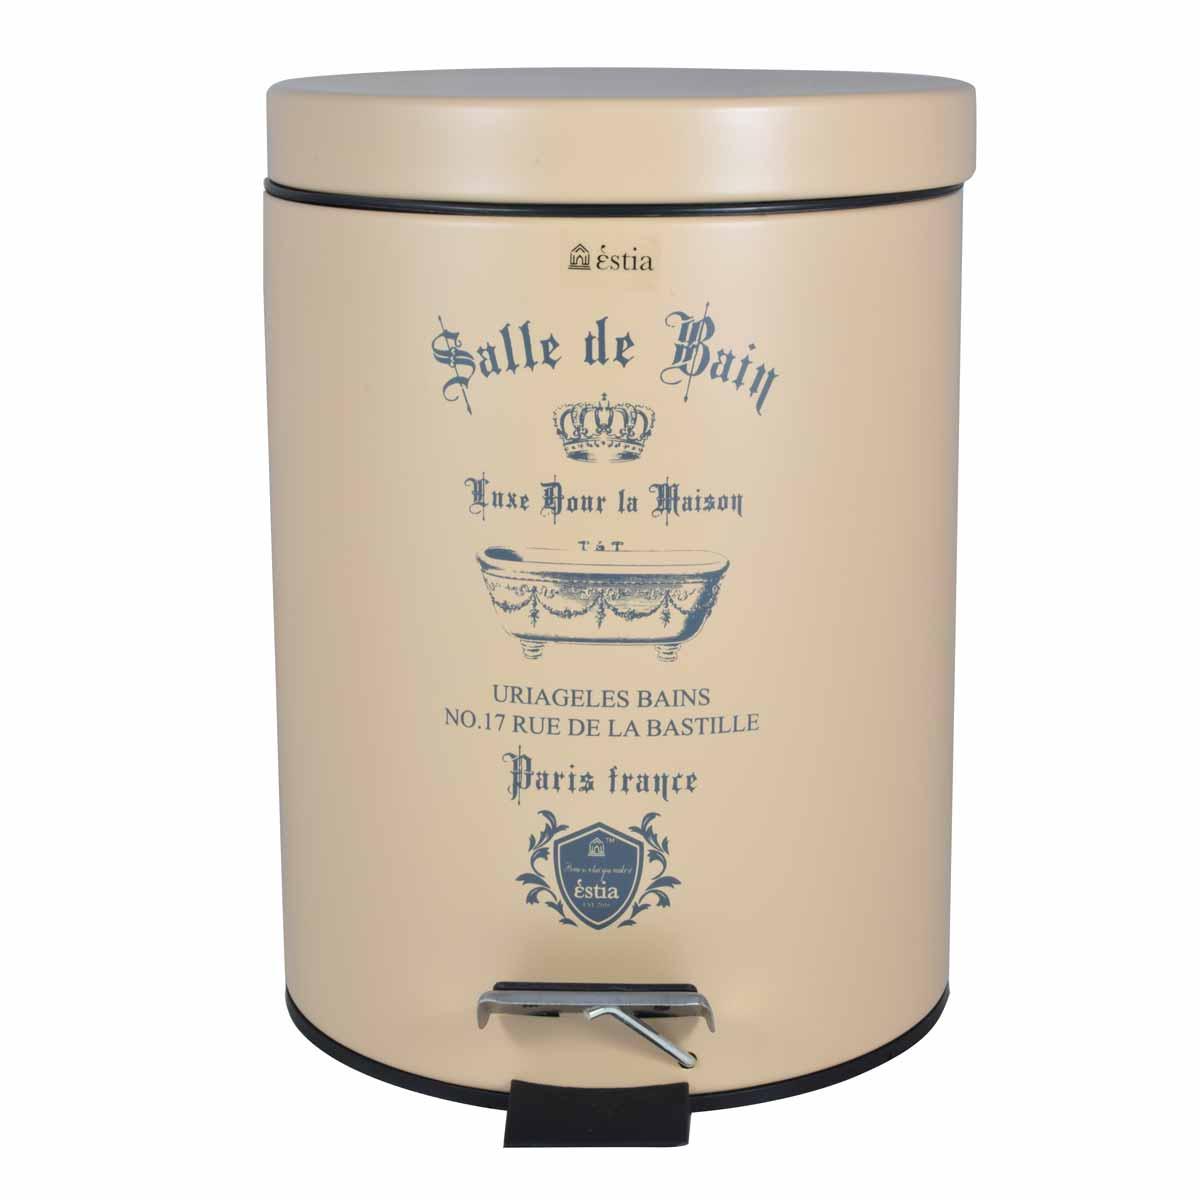 Κάδος Απορριμμάτων (20×28) εstia 5Lit Le Bain Cream Matt 02-4651